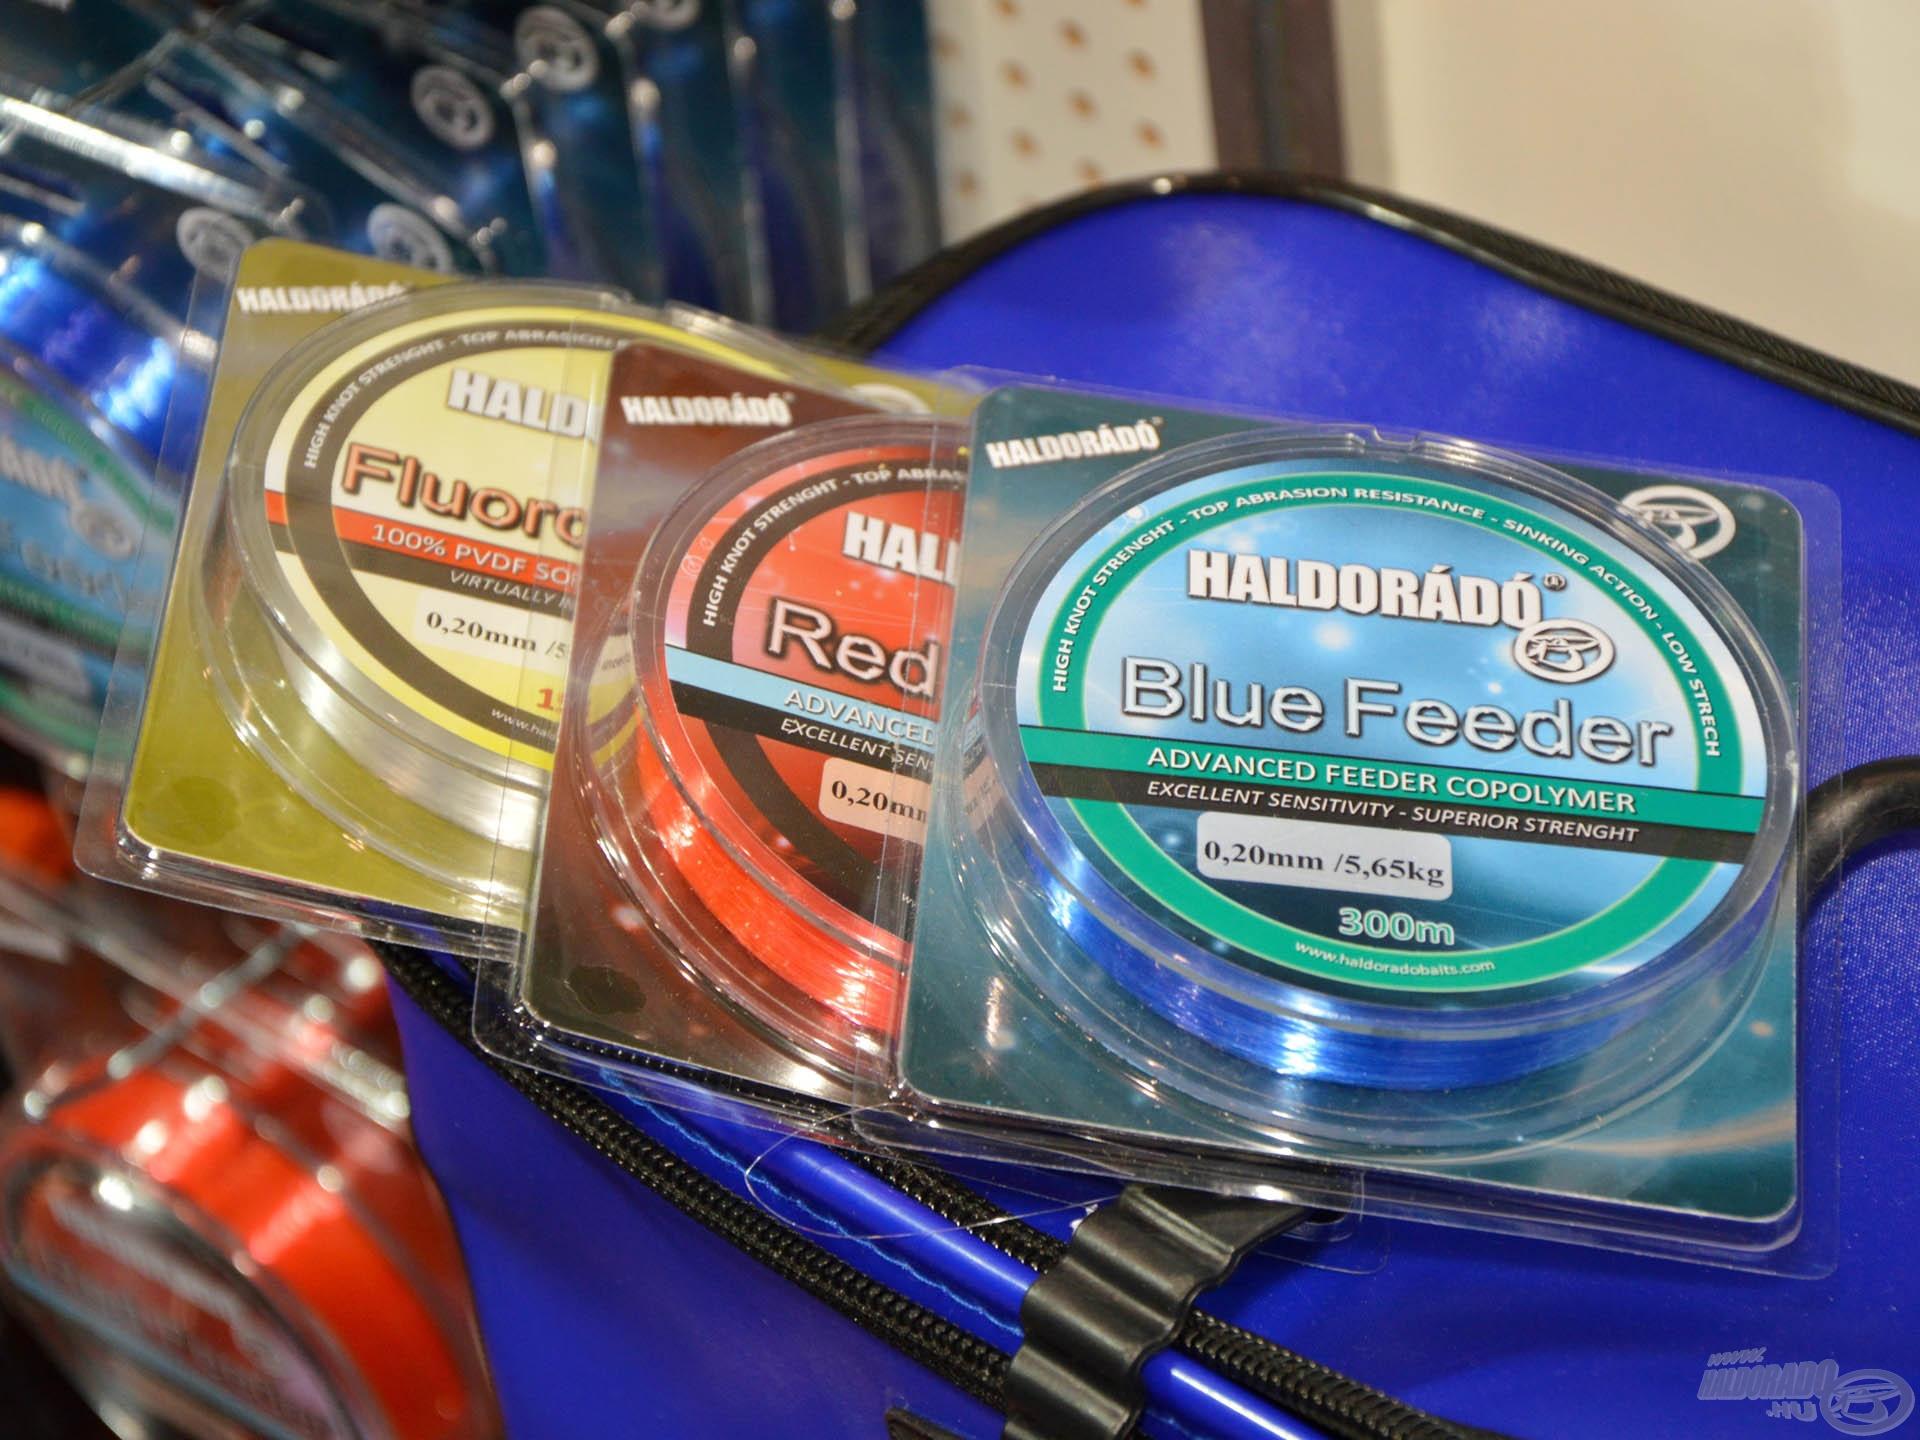 Akik még nem töltötték fel orsóik dobját, azok vittek az új feeder zsinórjainkból, amelyek színükkel is kitűnnek az átlagos zsinórok közül